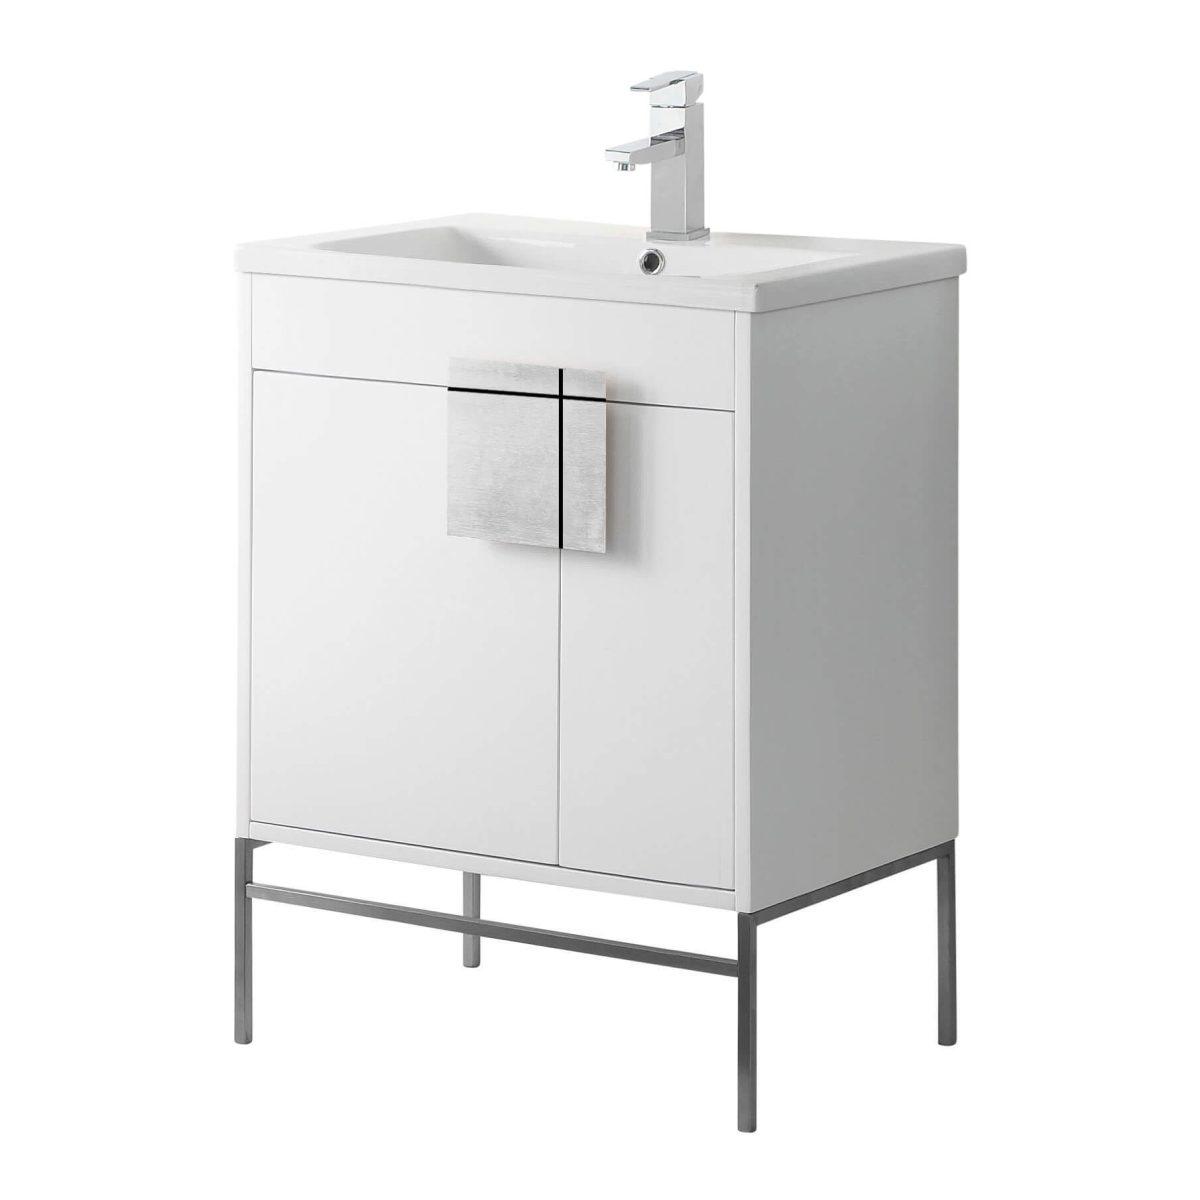 """Shawbridge 30"""" Modern Bathroom Vanity  White with Polished Chrome Hardware"""